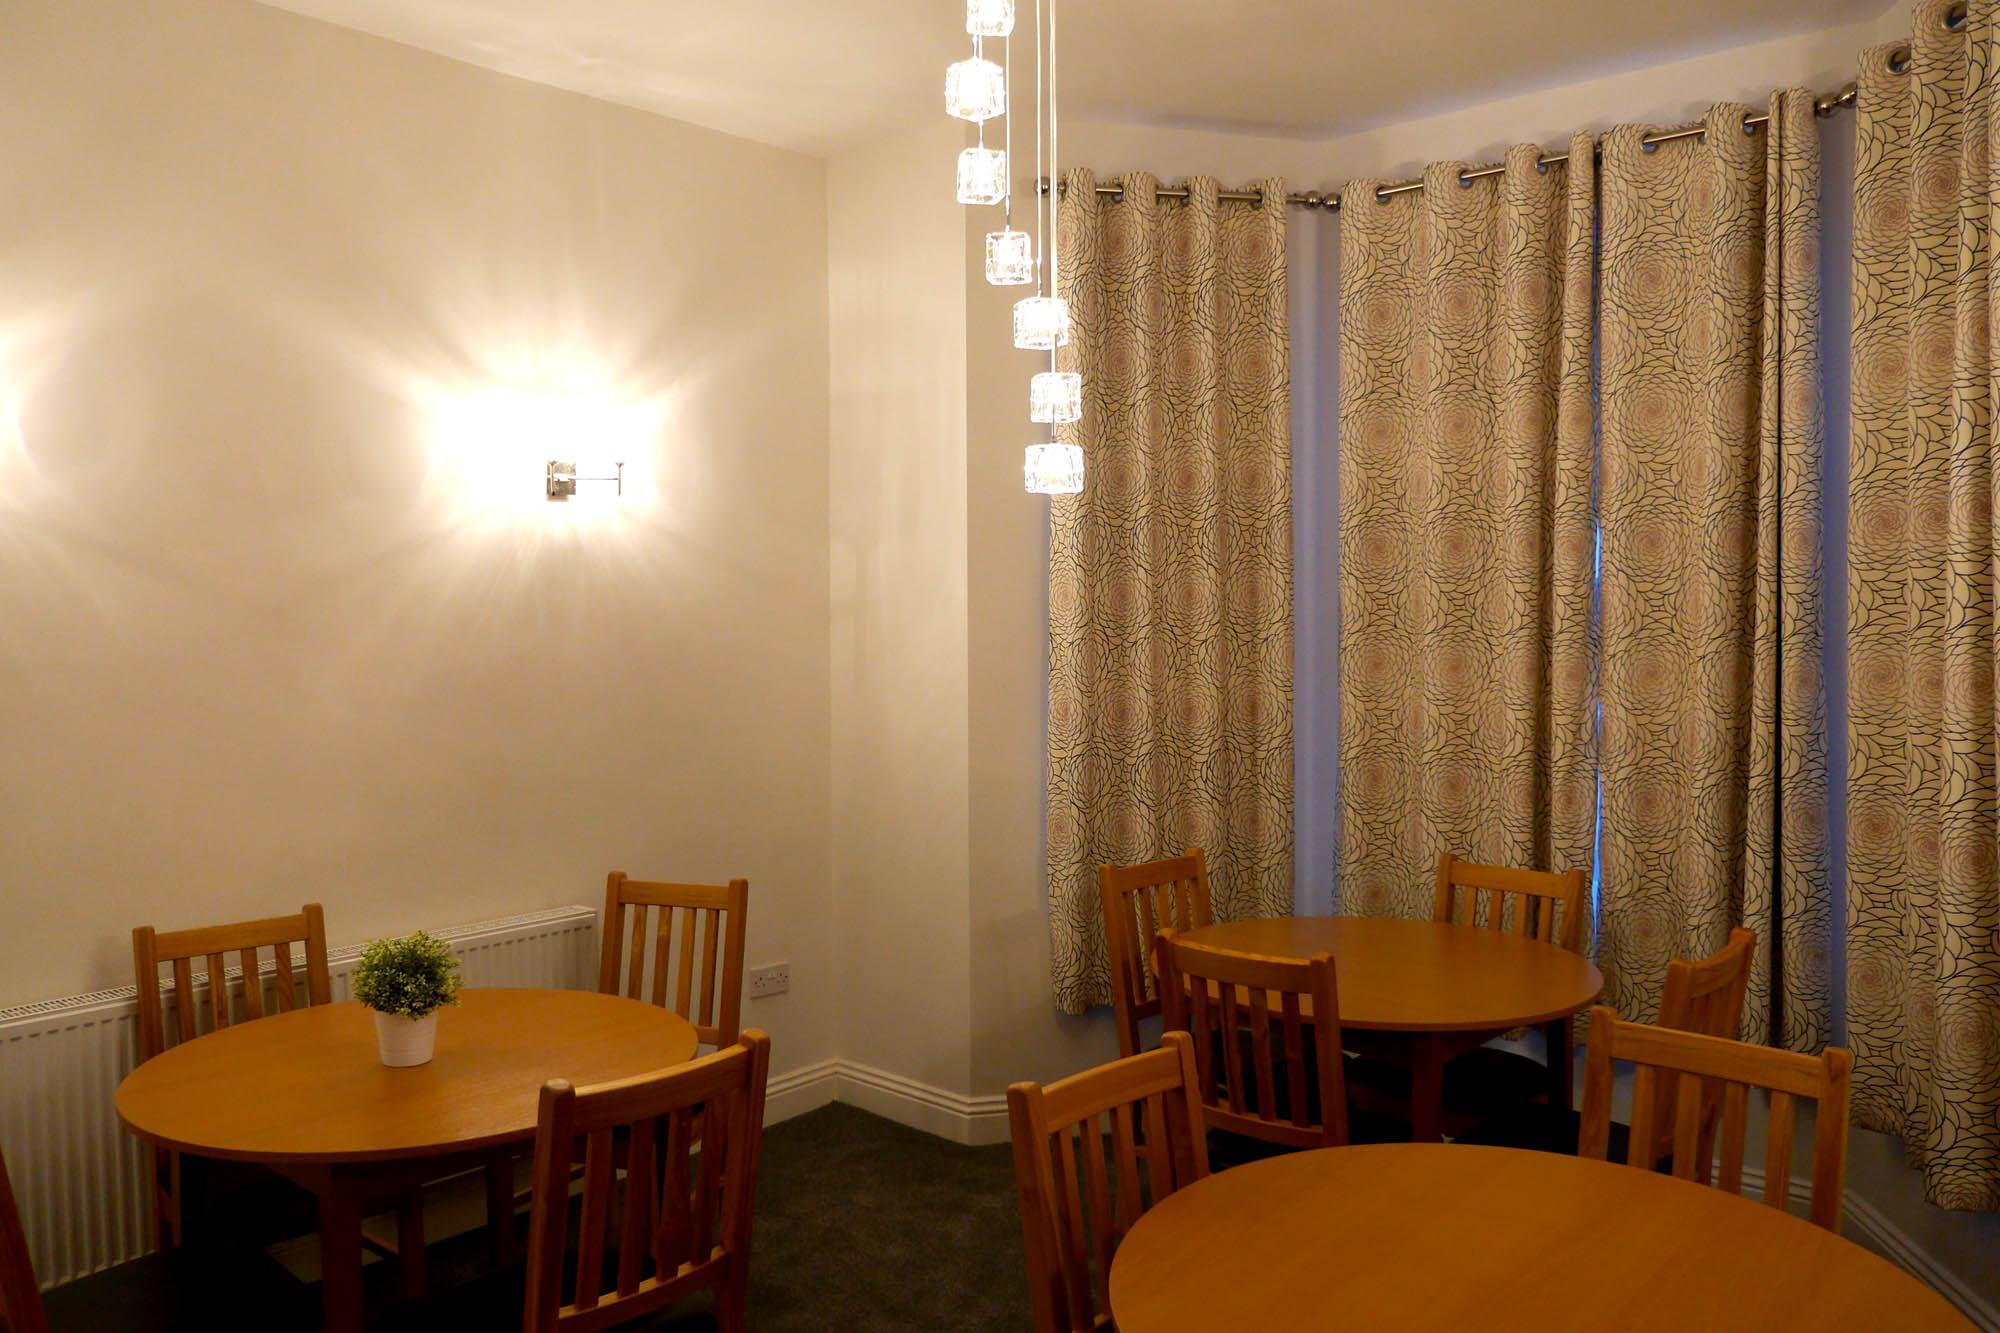 Rosalee - Dining Room -  01.jpg